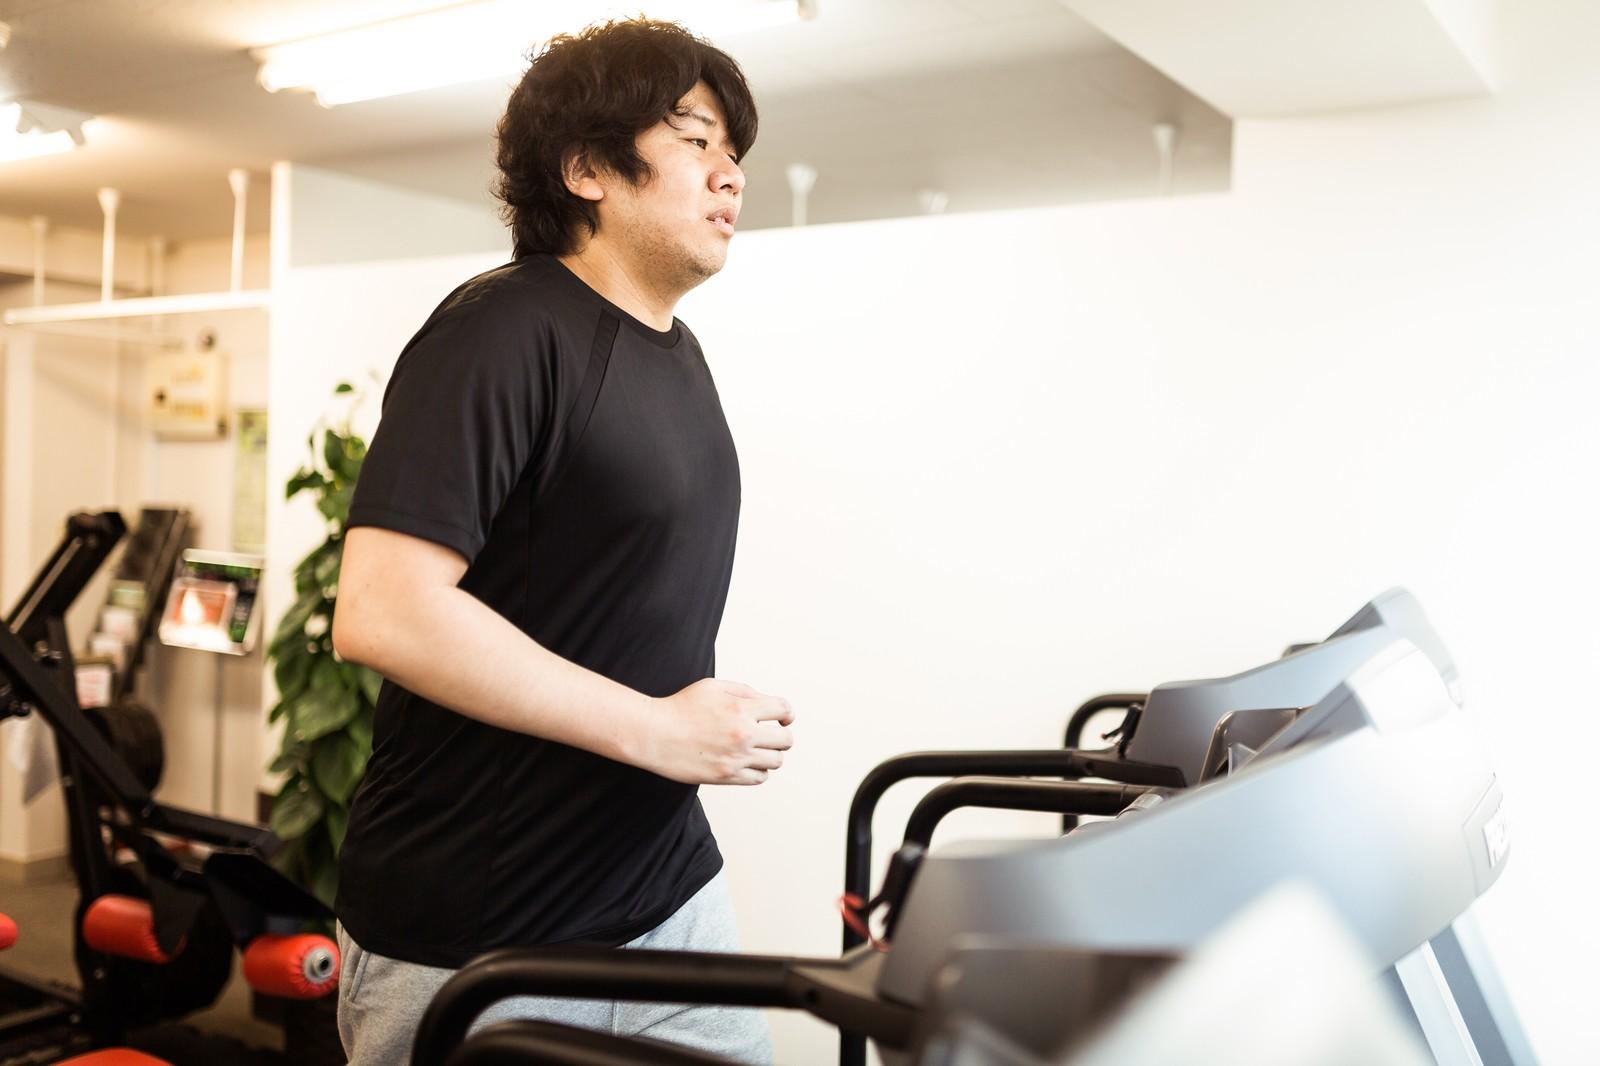 早漏治療の術後のスポーツ